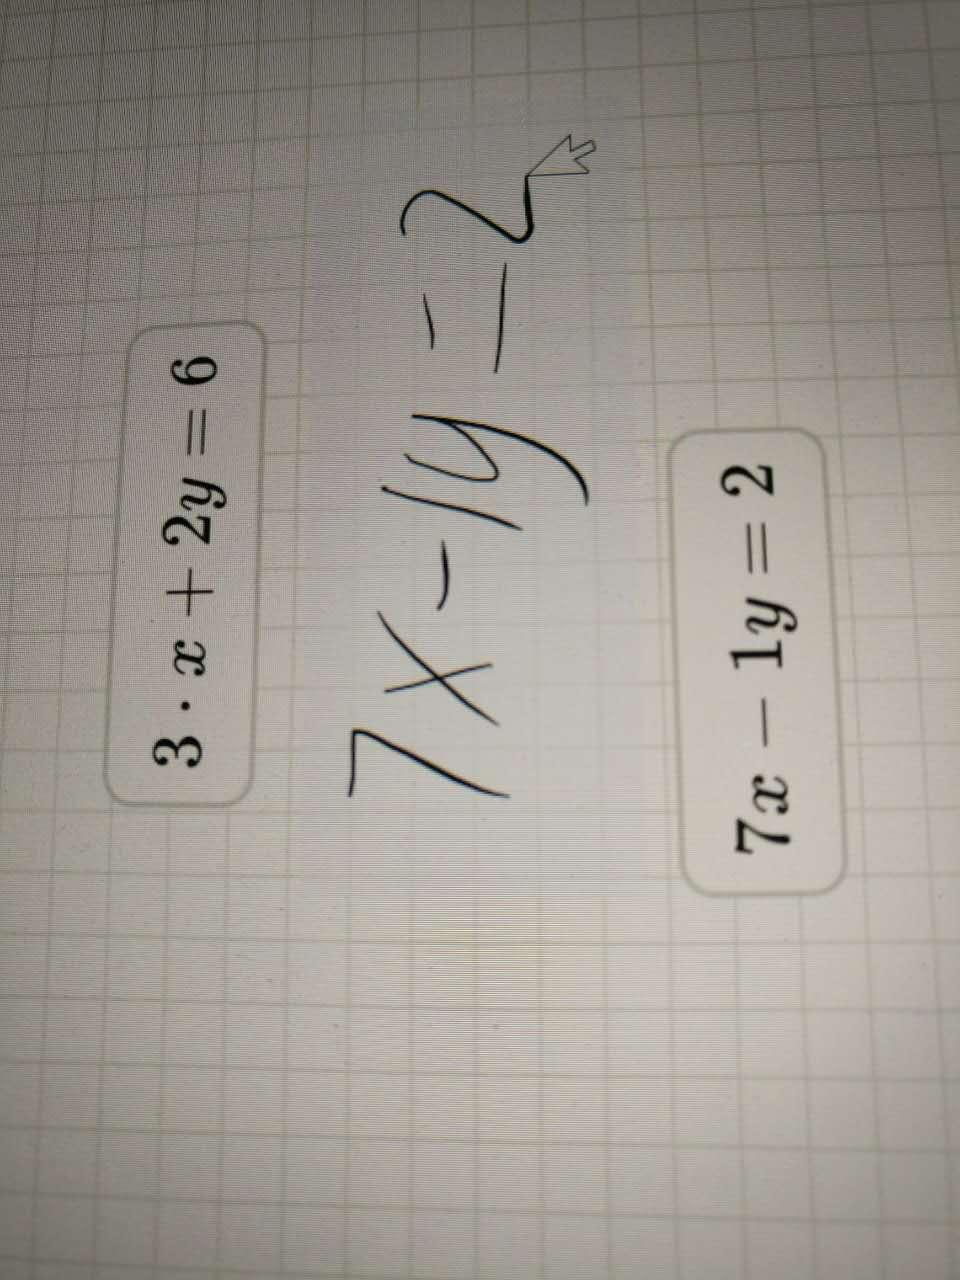 手写字.jpg